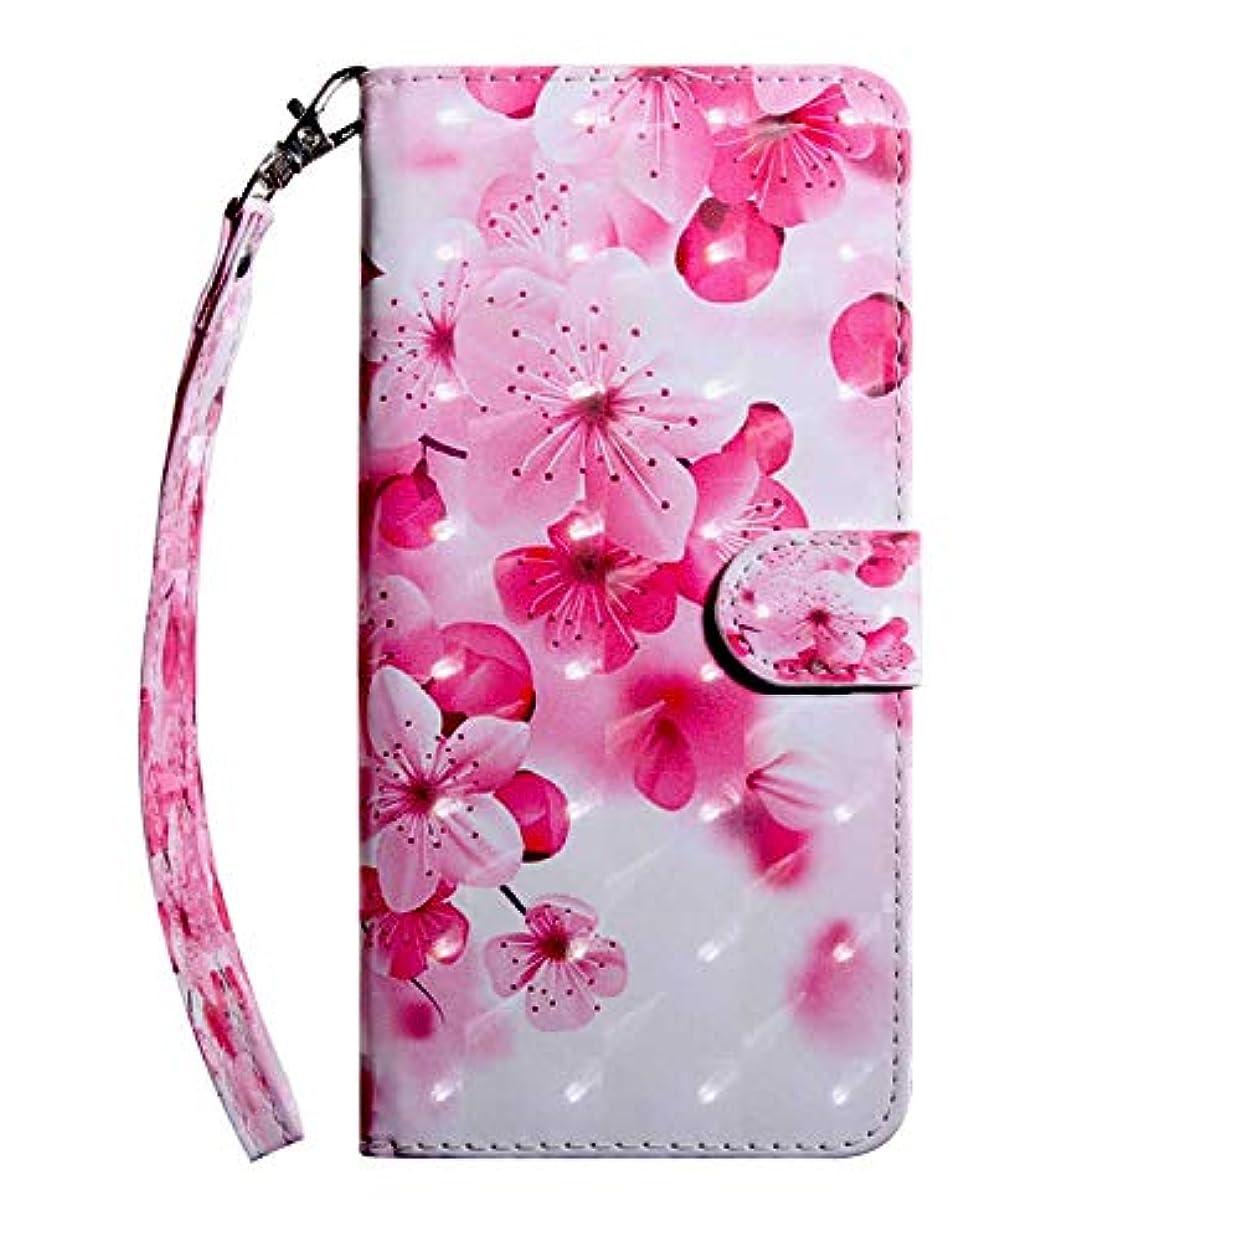 流行している人事素人CUSKING Sony Xperia XA2 ケース 手帳型 財布型カバー Sony Xperia XA2 スマホカバー 磁気バックル カード収納 スタンド機能 エクスペリア レザーケース –さくら